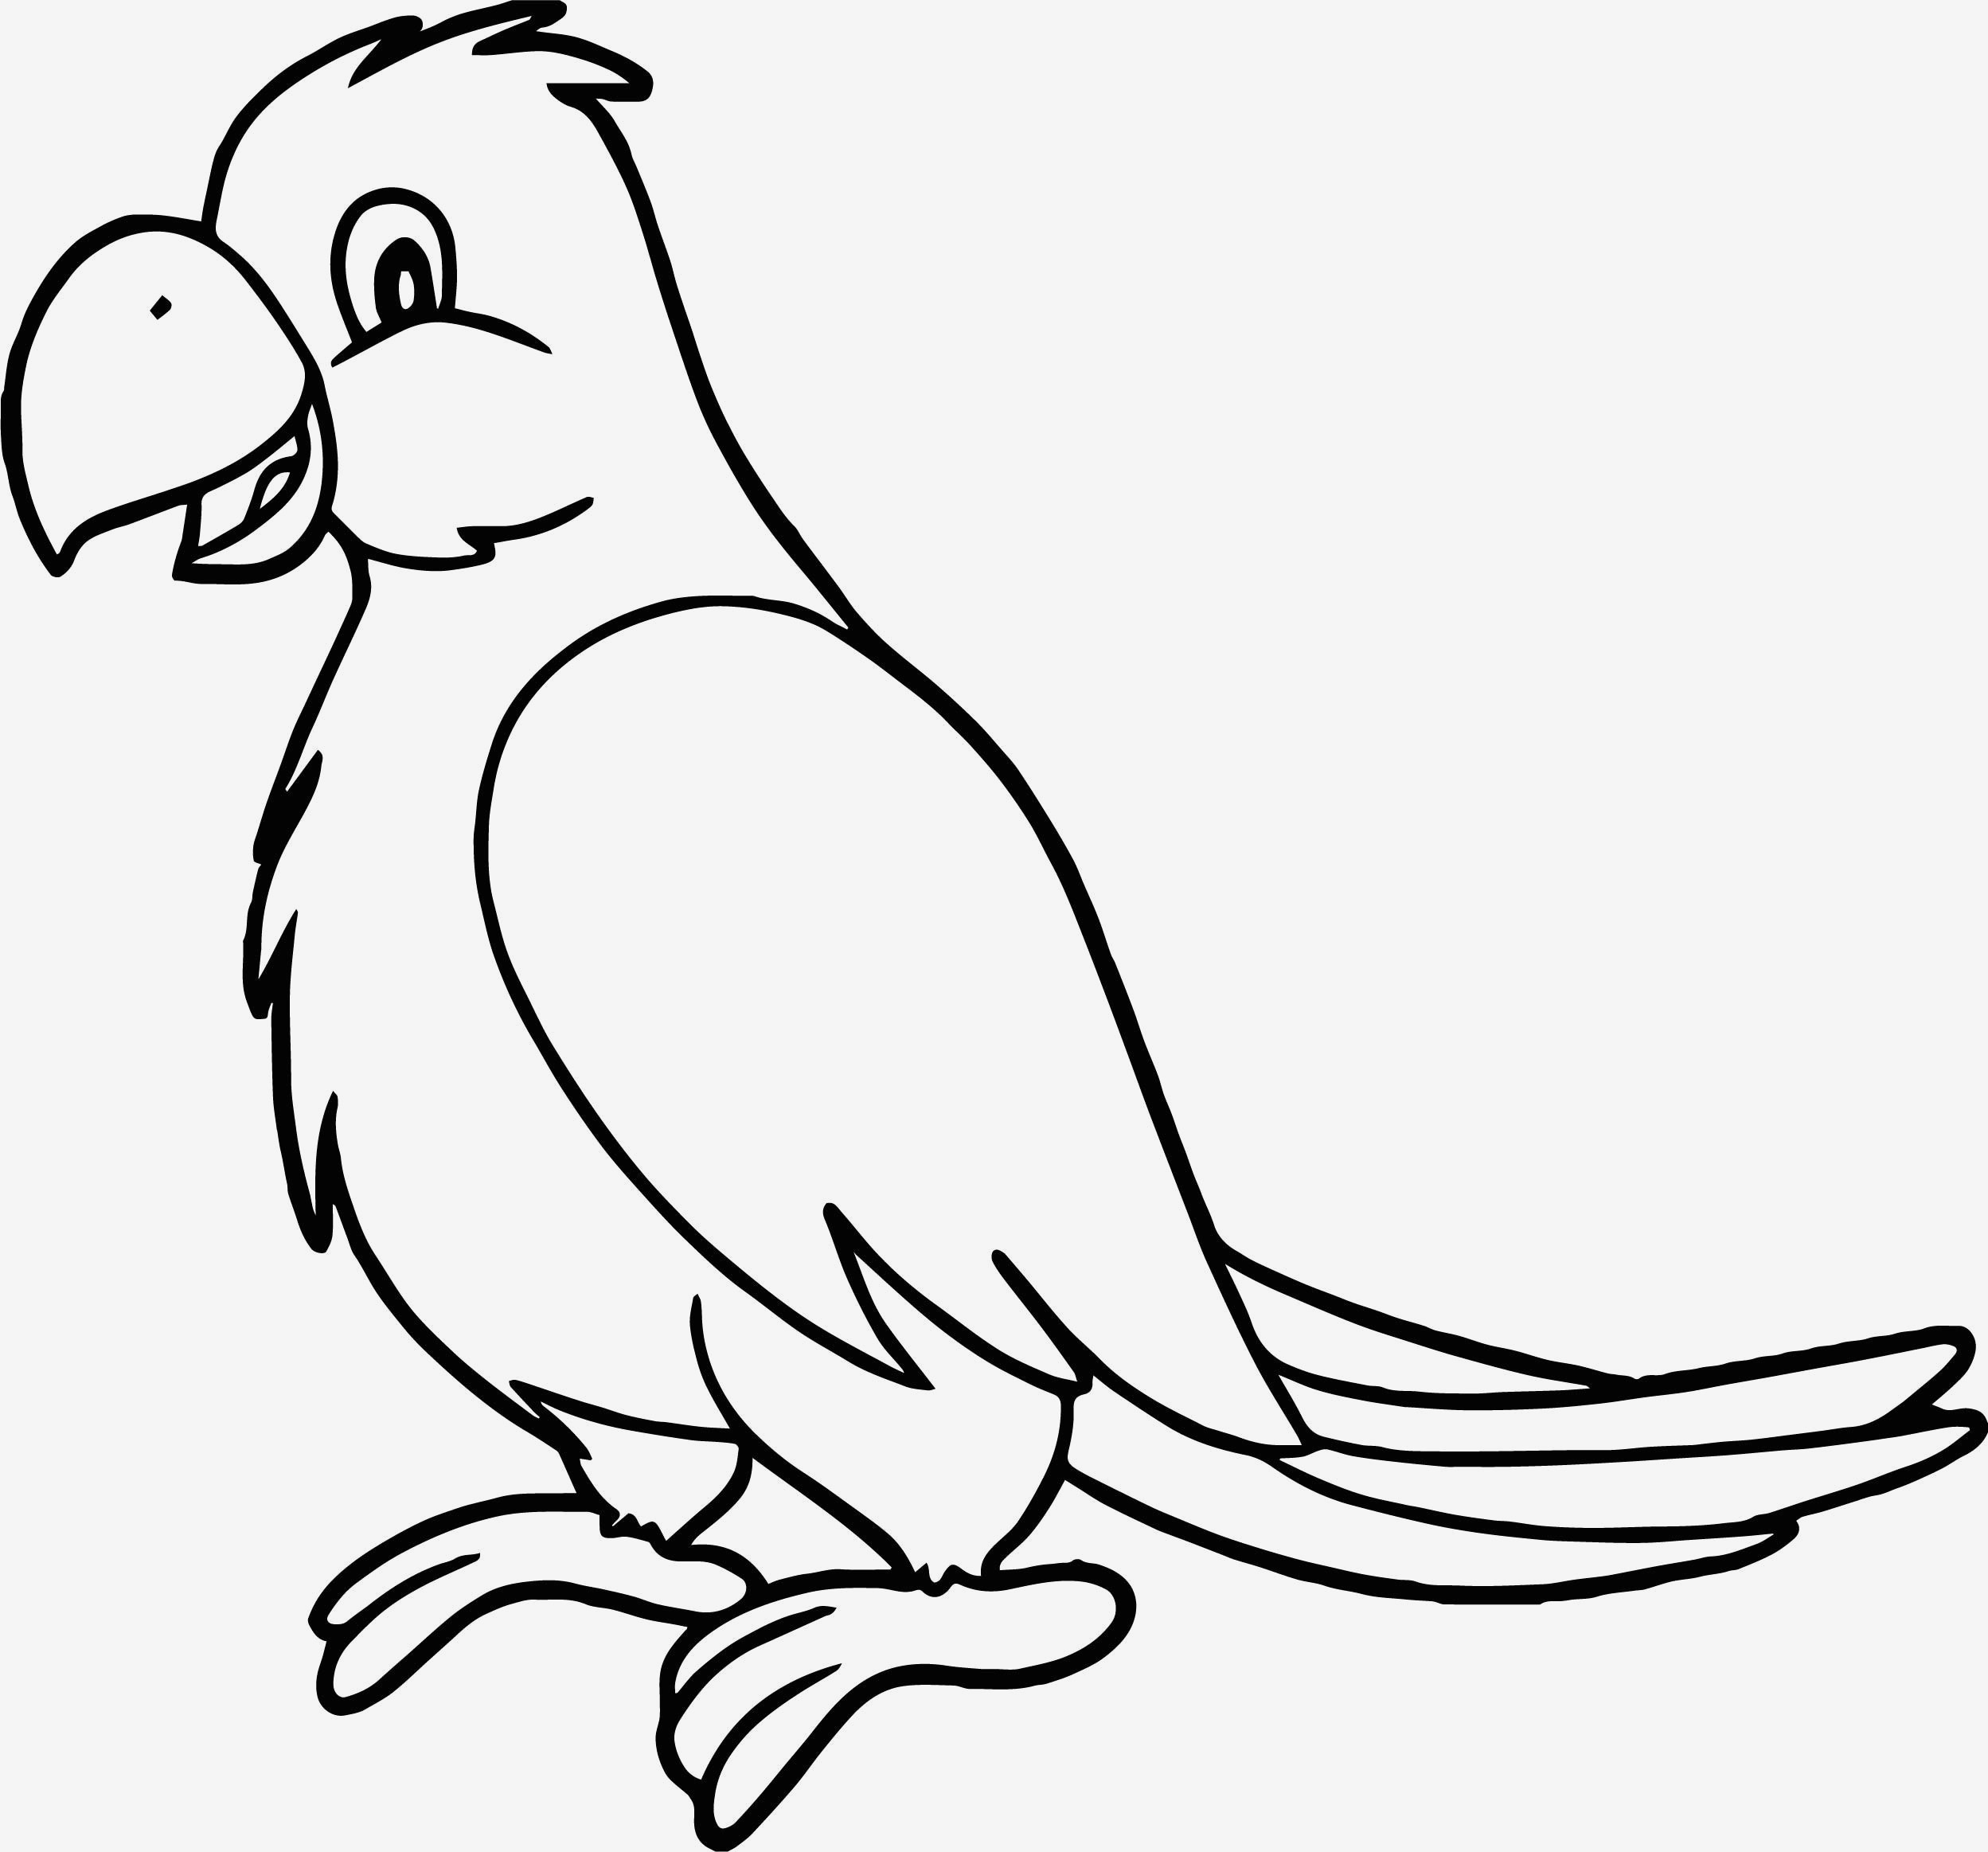 Tranh tô màu chim mỏ khoằm